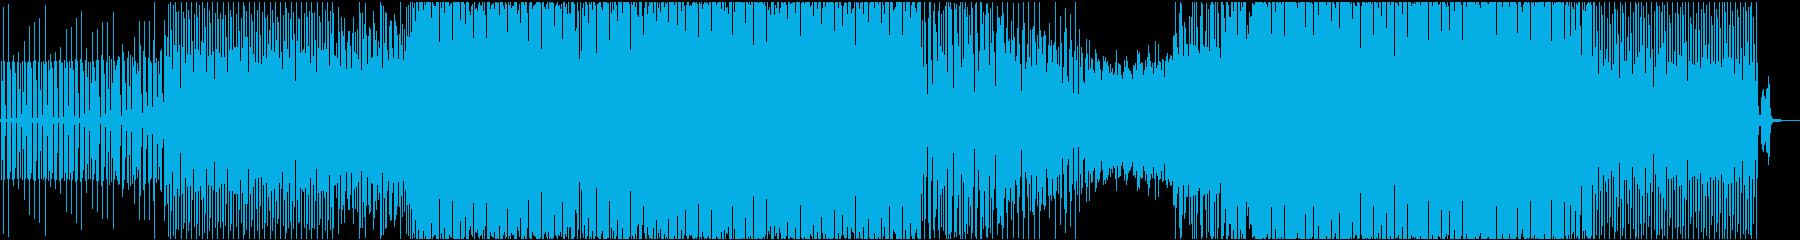 渋めのディープハウスの再生済みの波形